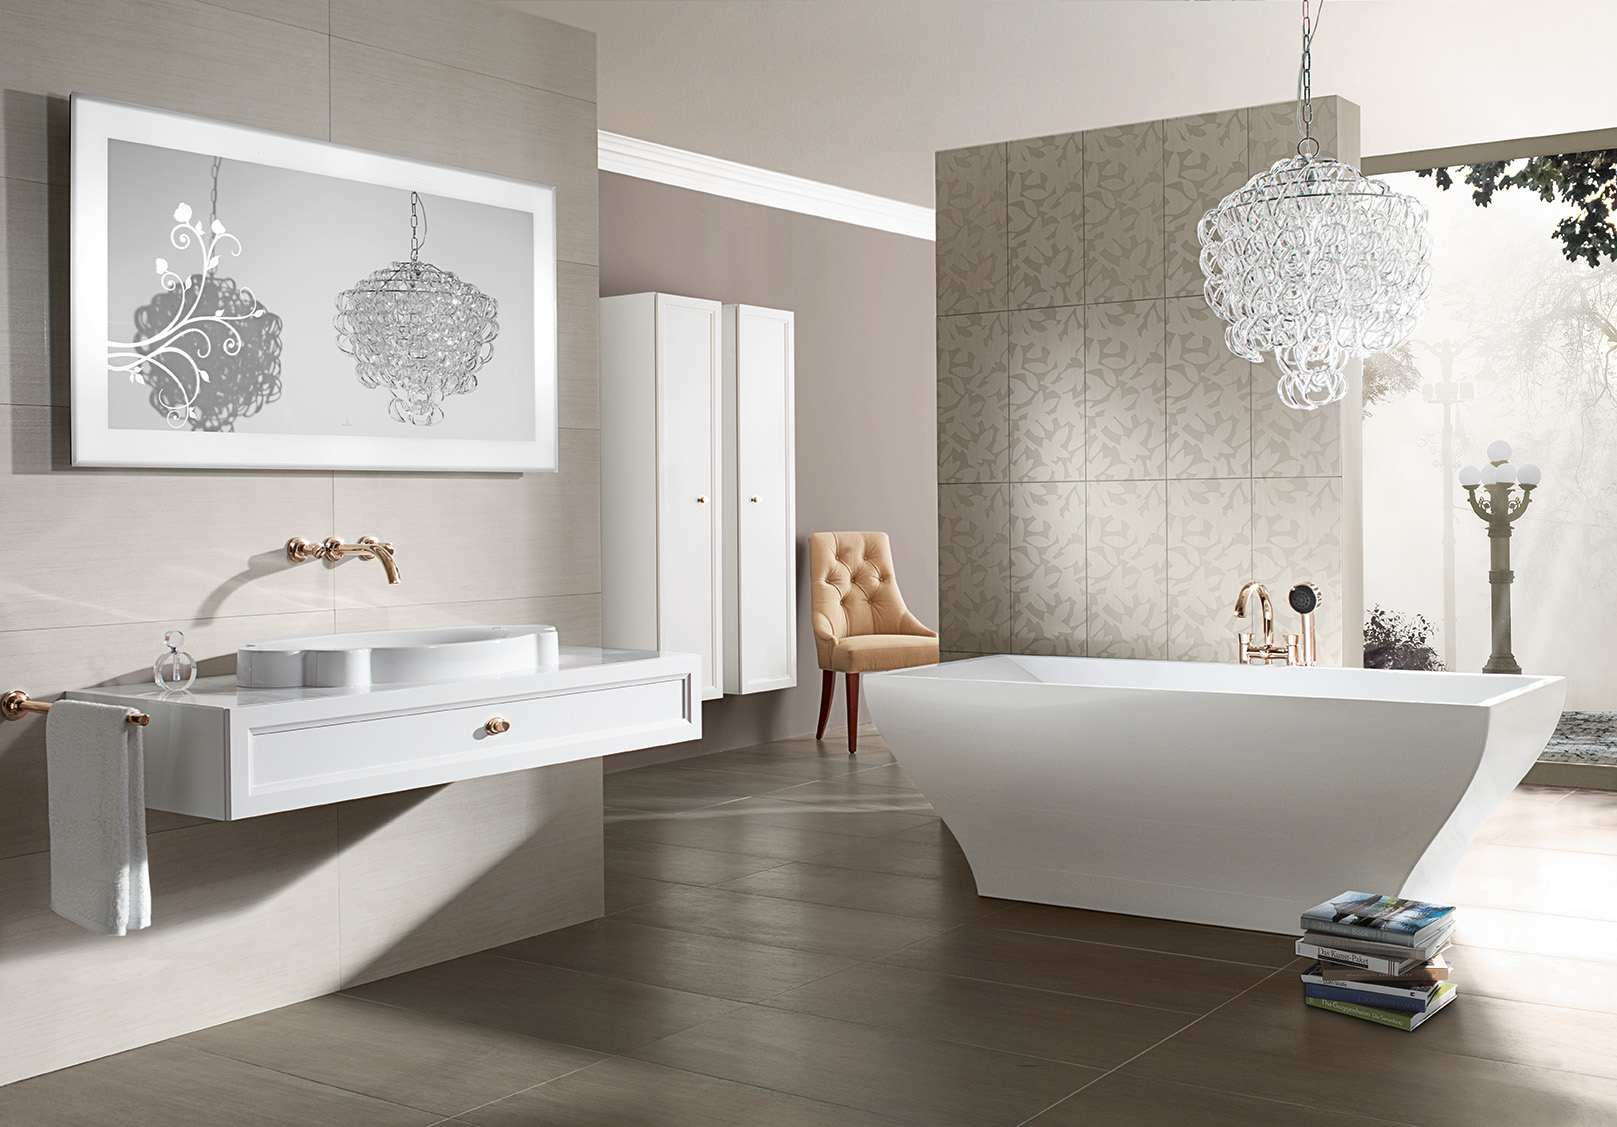 Bathroom Uk Villeroy Boch Uk Bathroom Kitchen Tiles Division